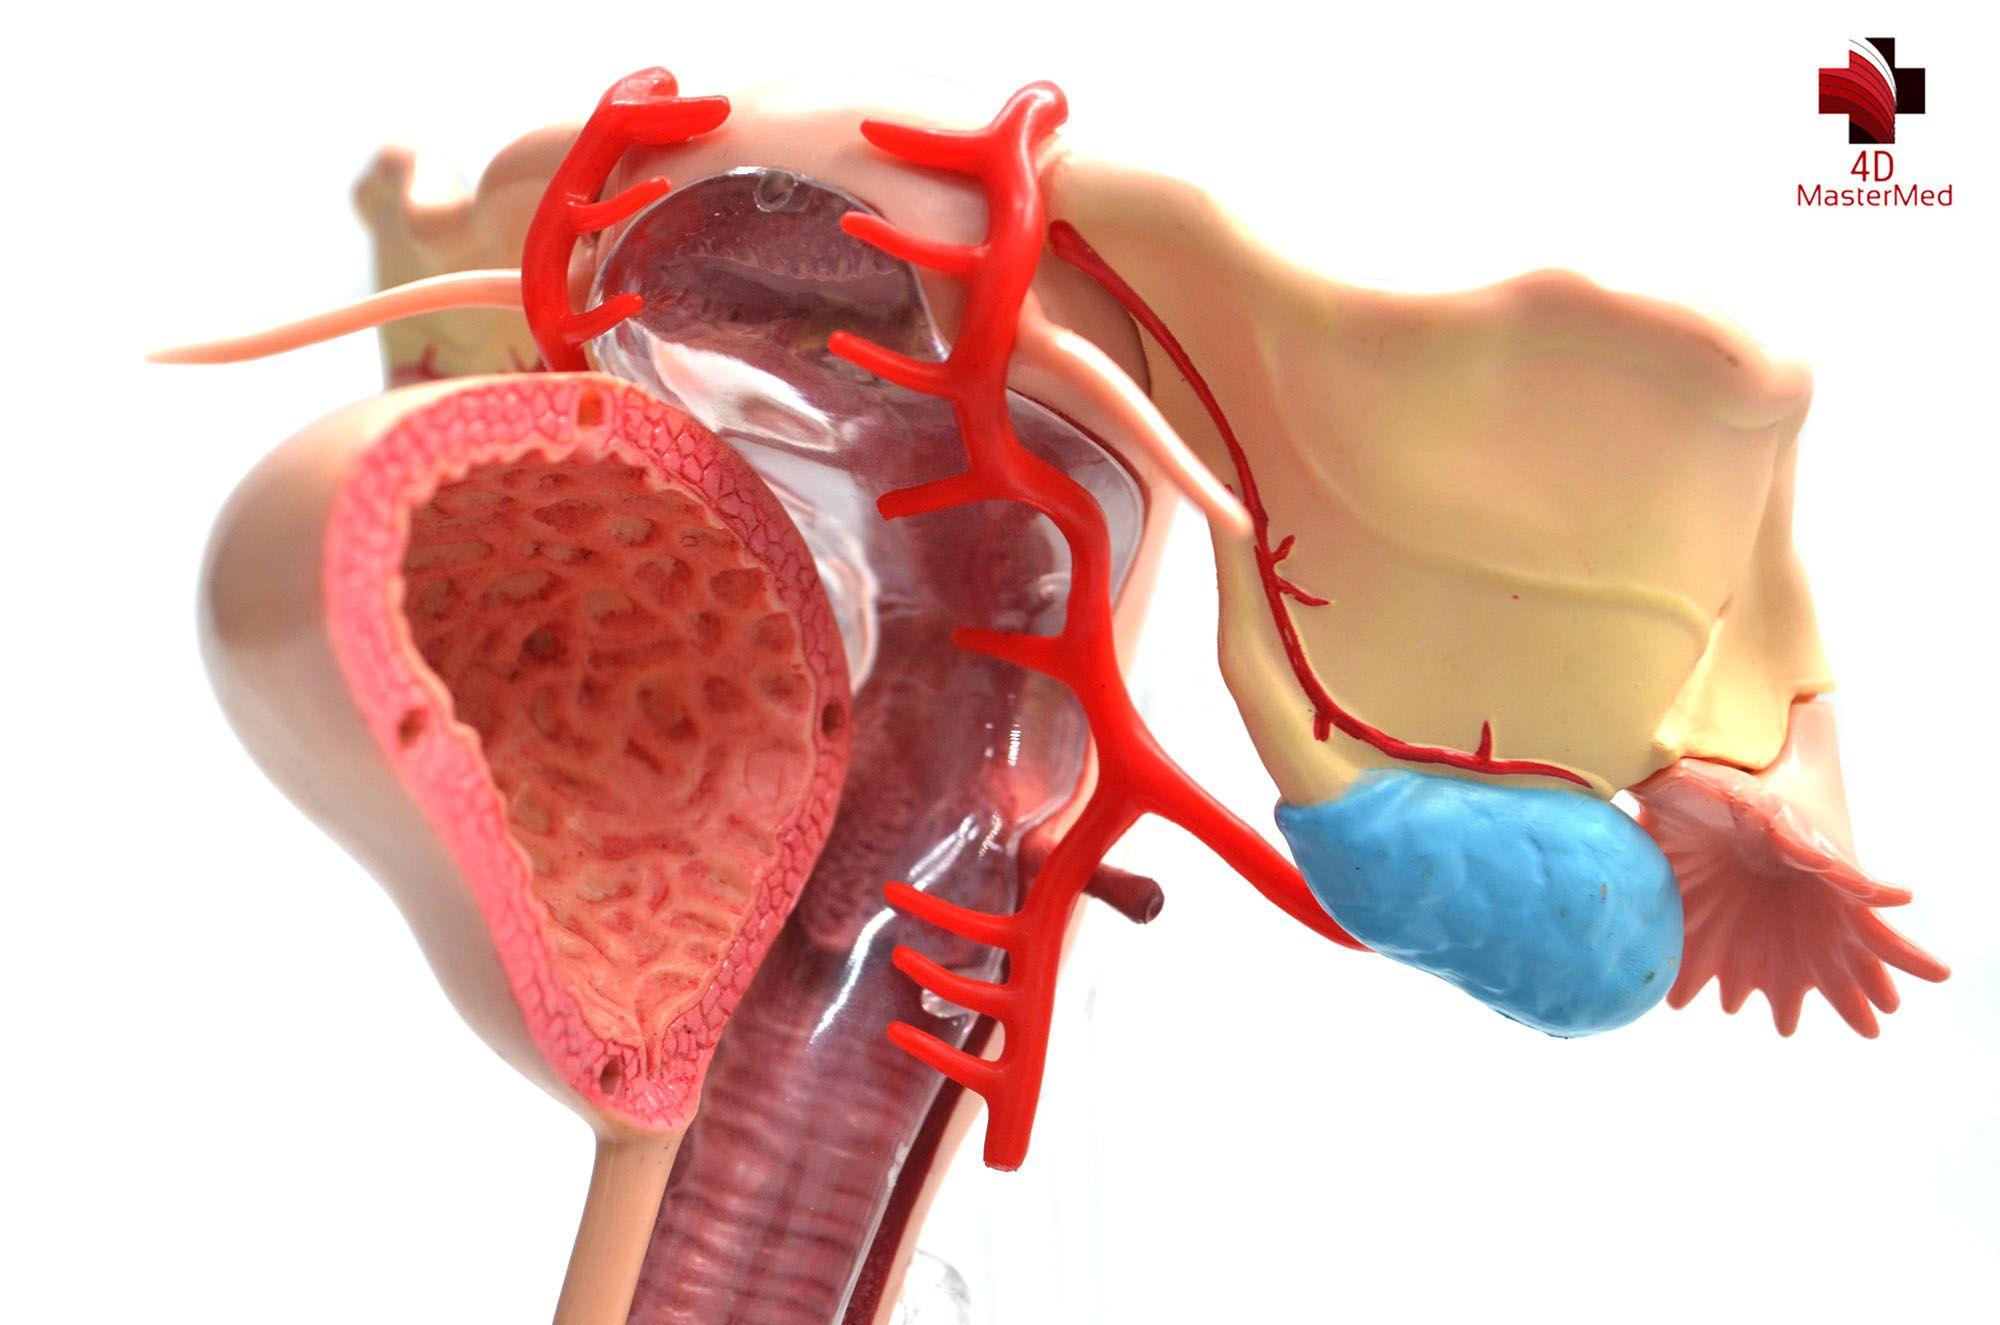 Anatomia do Órgão Reprodutor Feminino